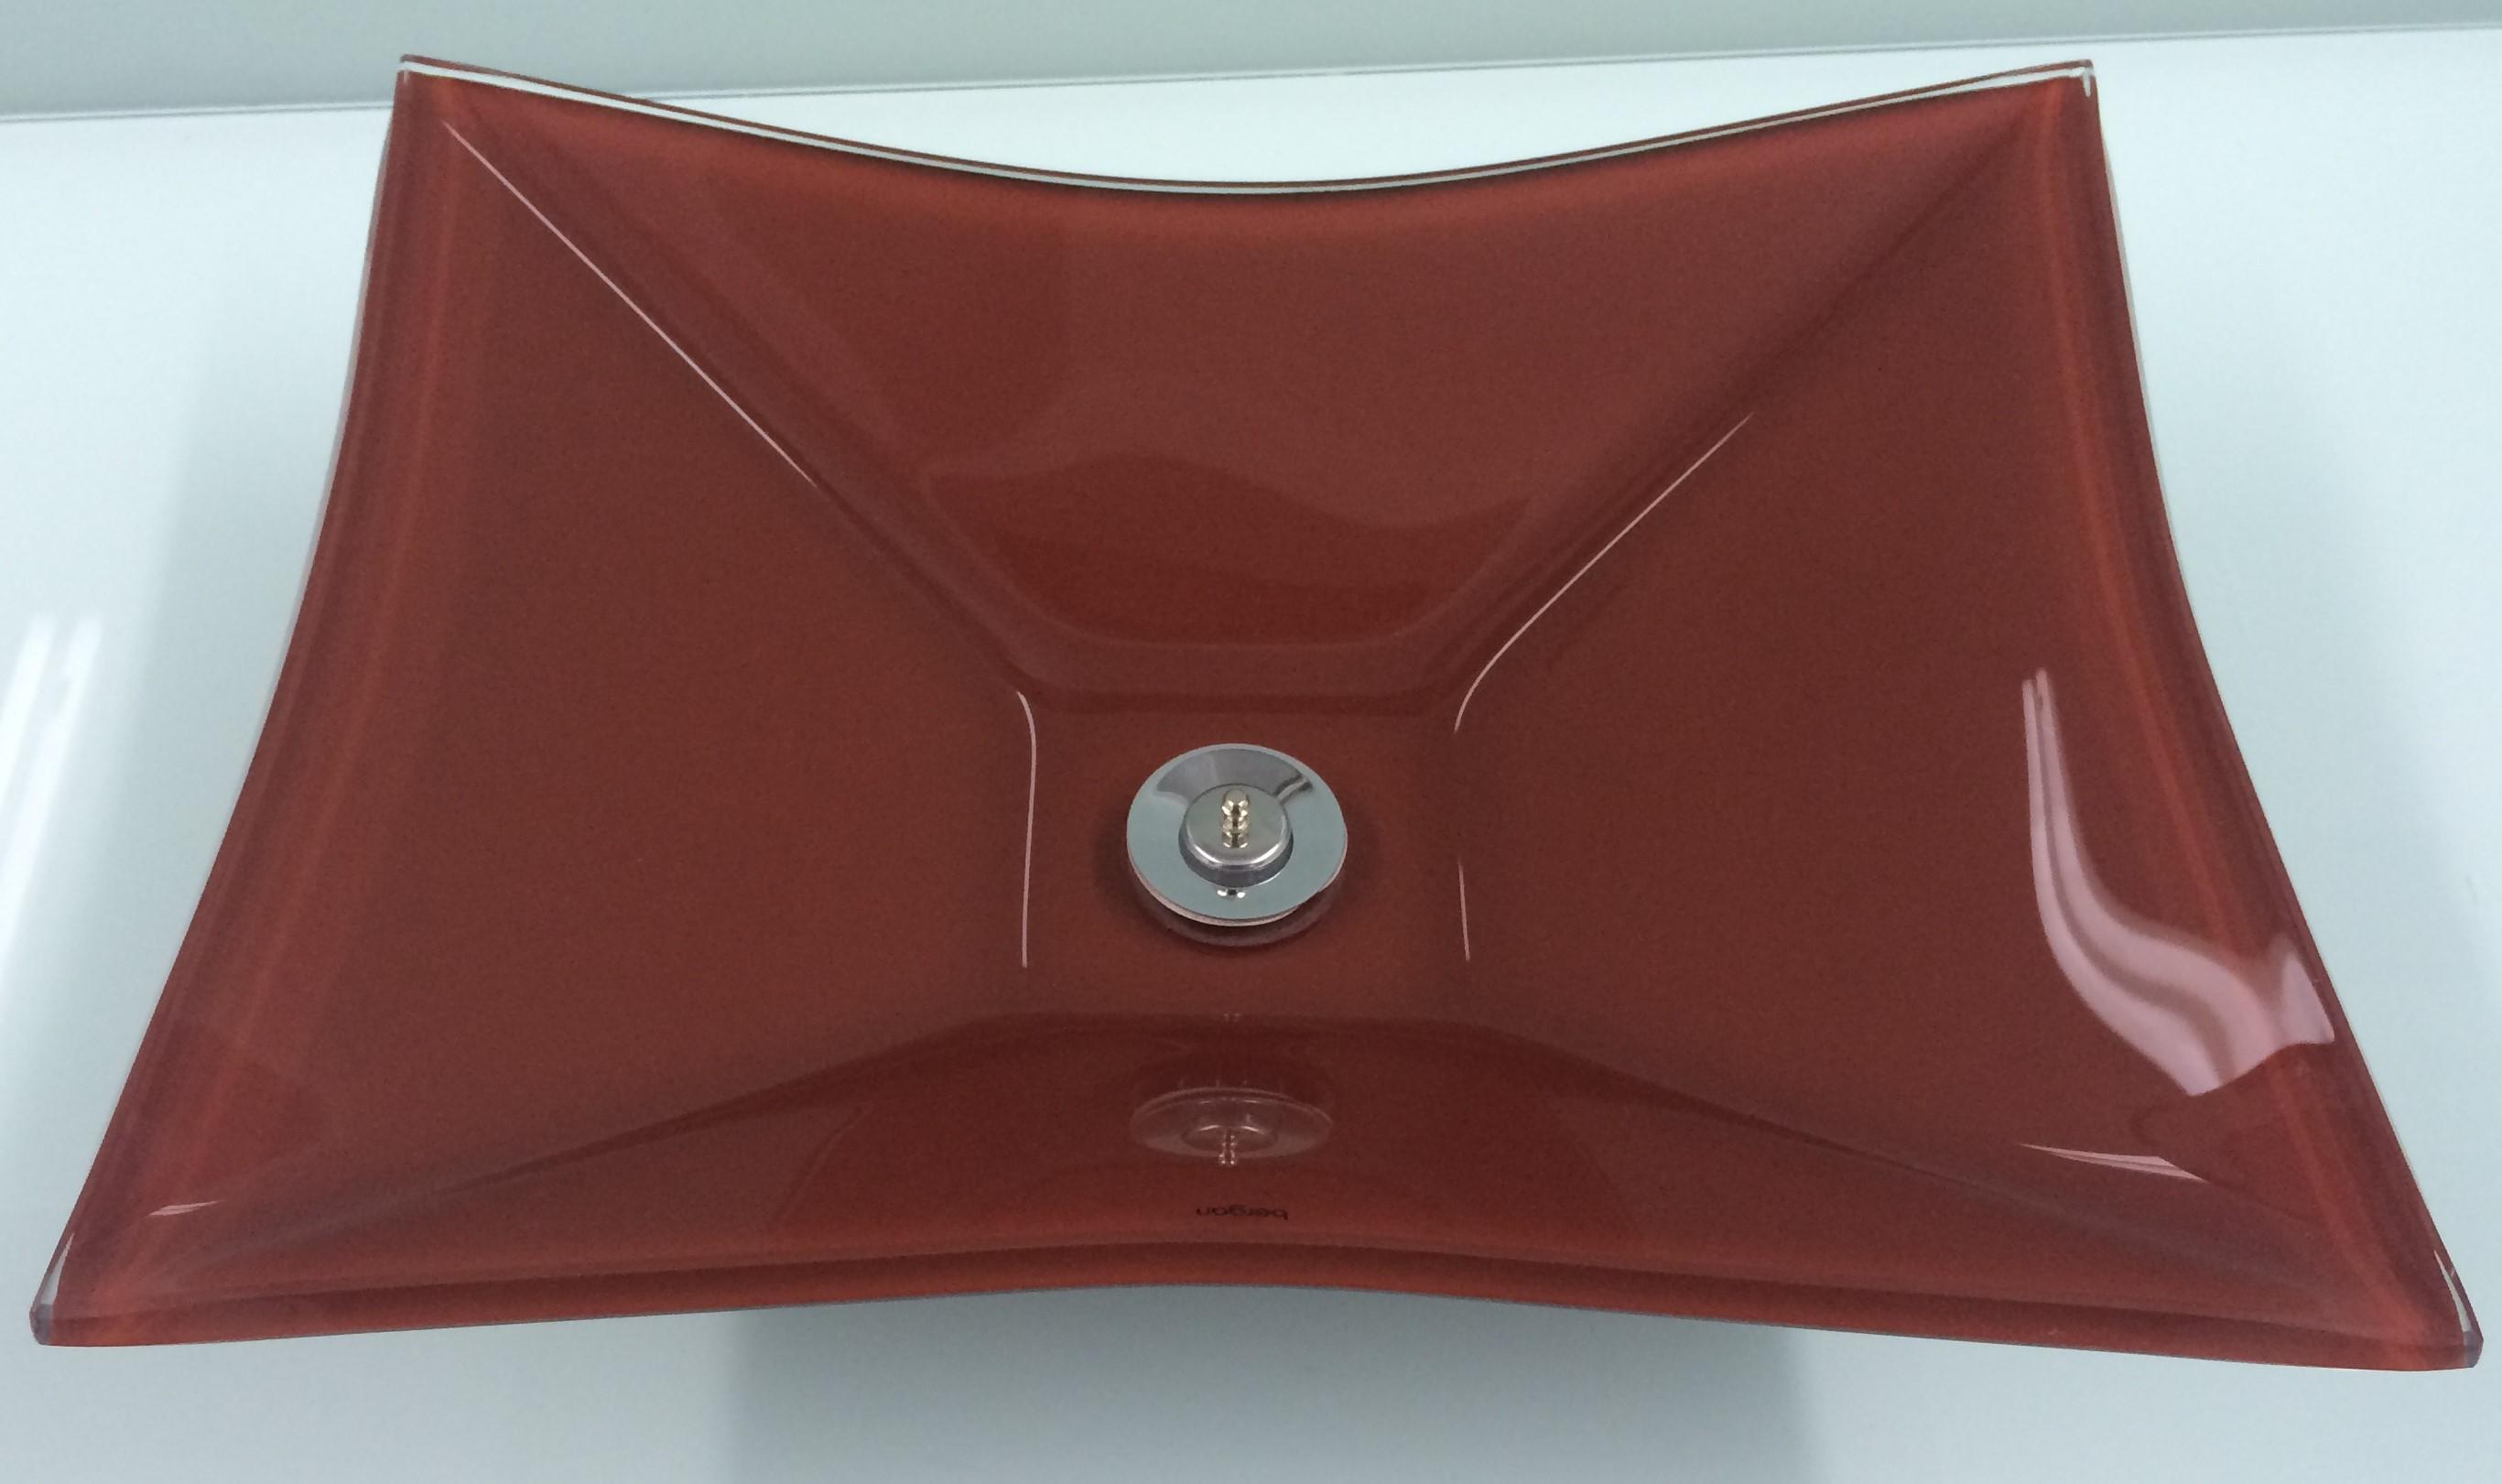 Cuba de vidro Grand Sulle 40x40 Cm - Vidro Esmaltado bordo